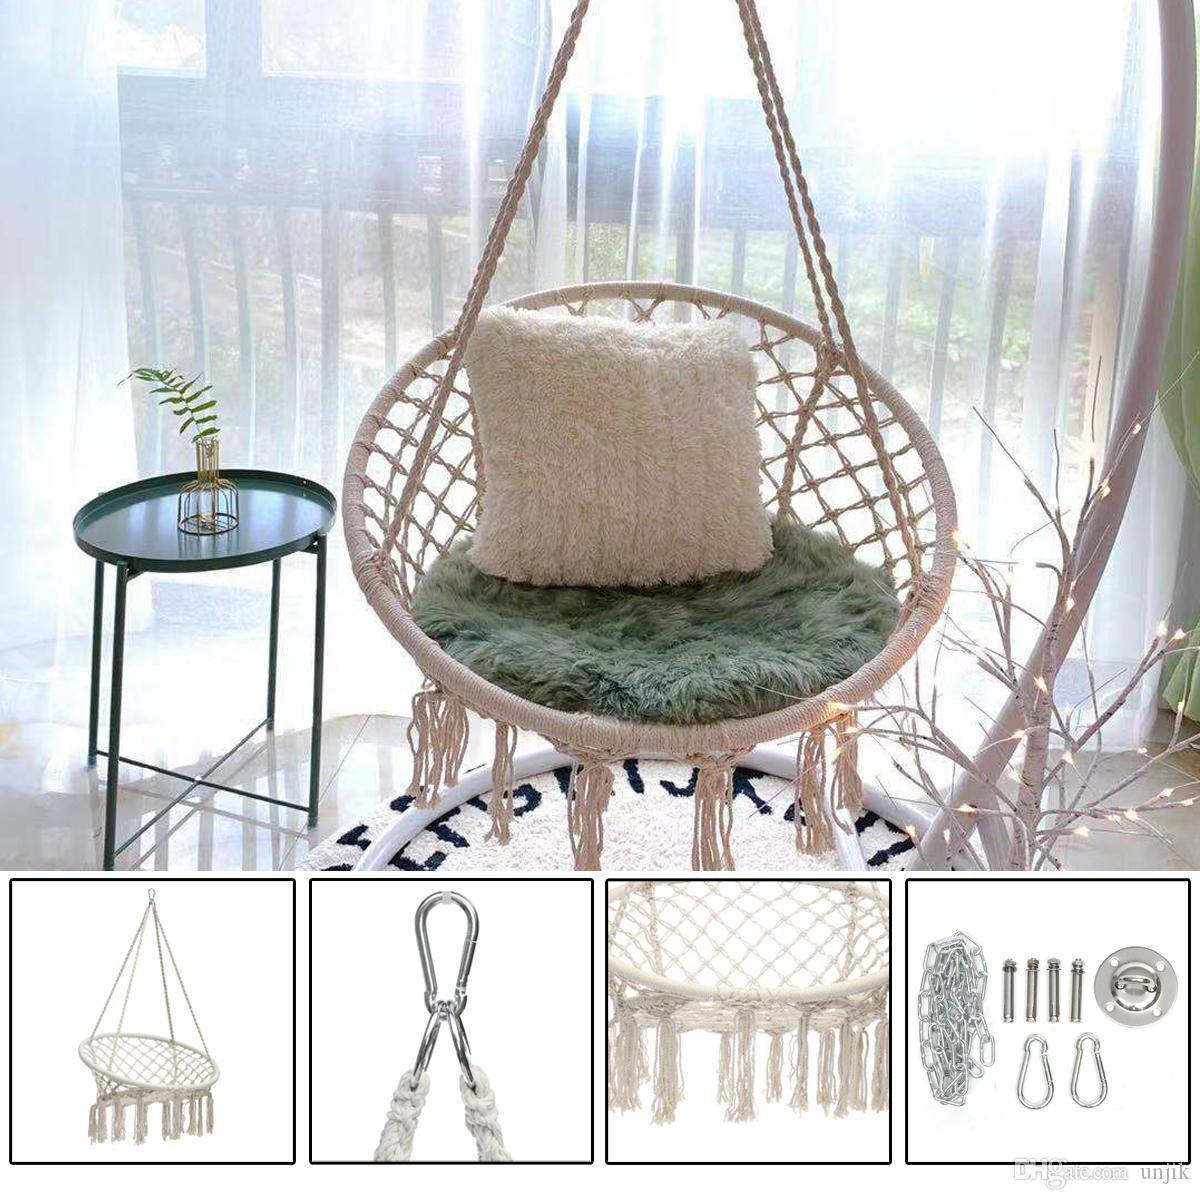 Hammock Bed for Bedroom Elegant 2019 Round Hammock Swing Hanging Chair Outdoor Indoor Dormitory Bedroom Hanging Chair for Child Adult Safety Hammock with Accessories From Unjik